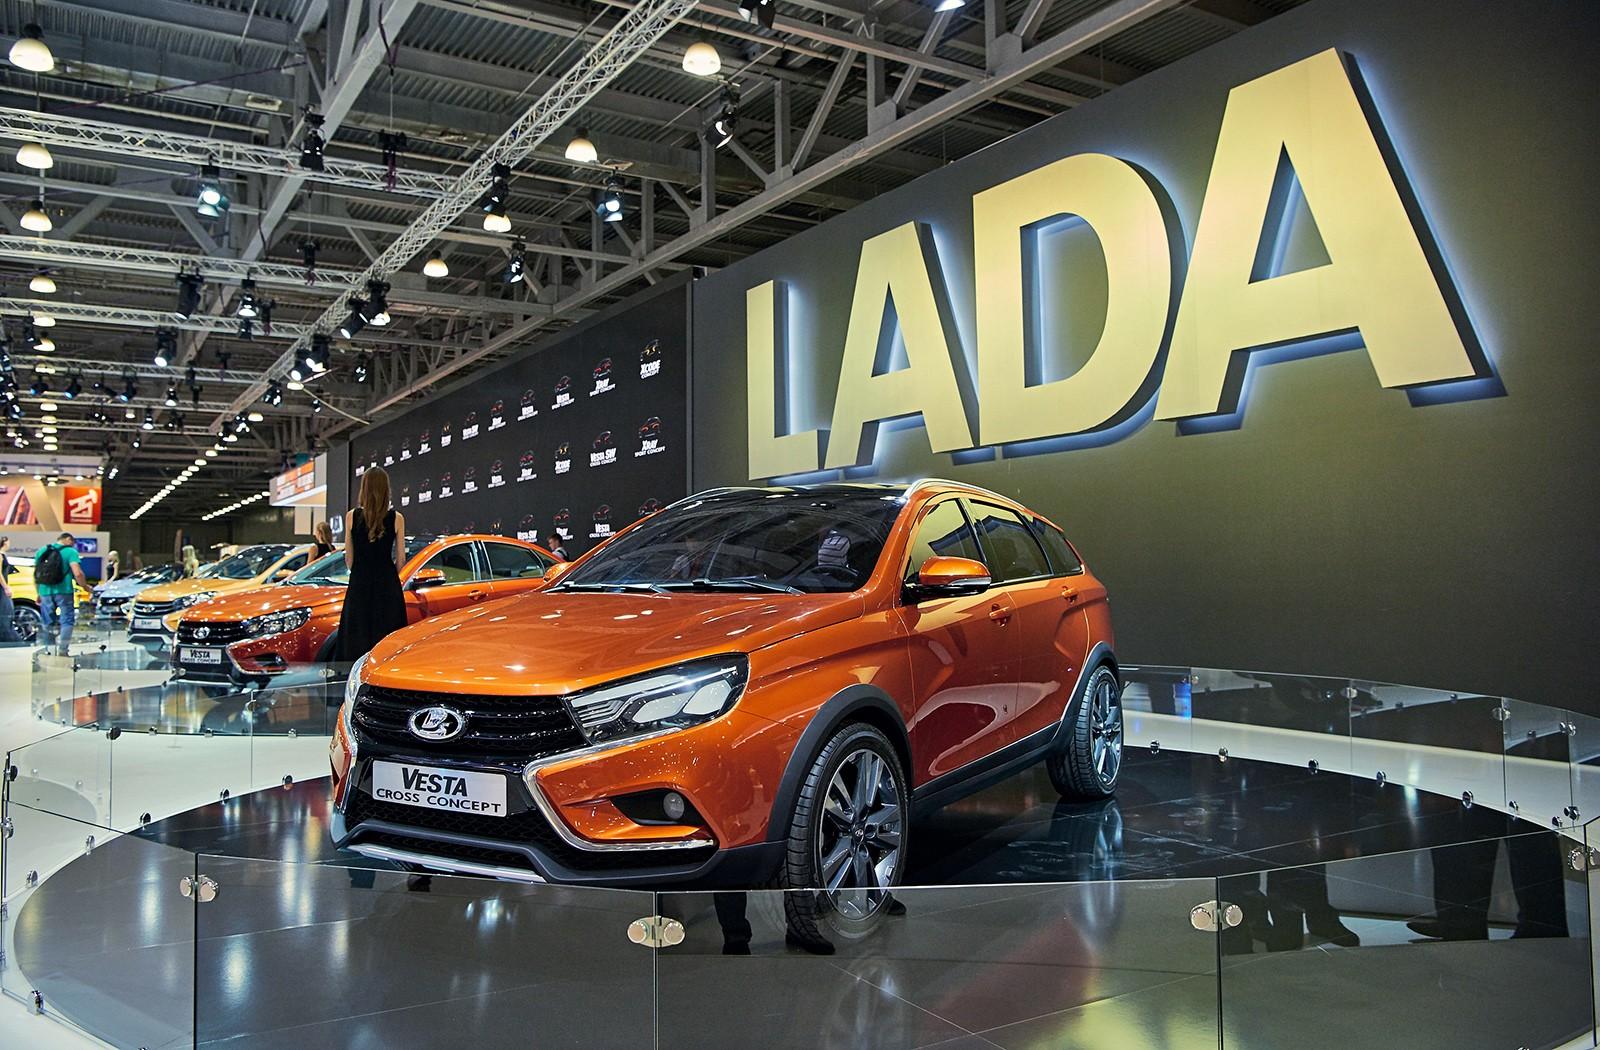 На фото: Lada Vesta SW Concept. Обратите внимание, если у седана оптика уже серийная, то у универсала она пока ещё действительно концептуальная. Напомним, его впервые показали в середине 2015 года на Moscow Off-Road Show